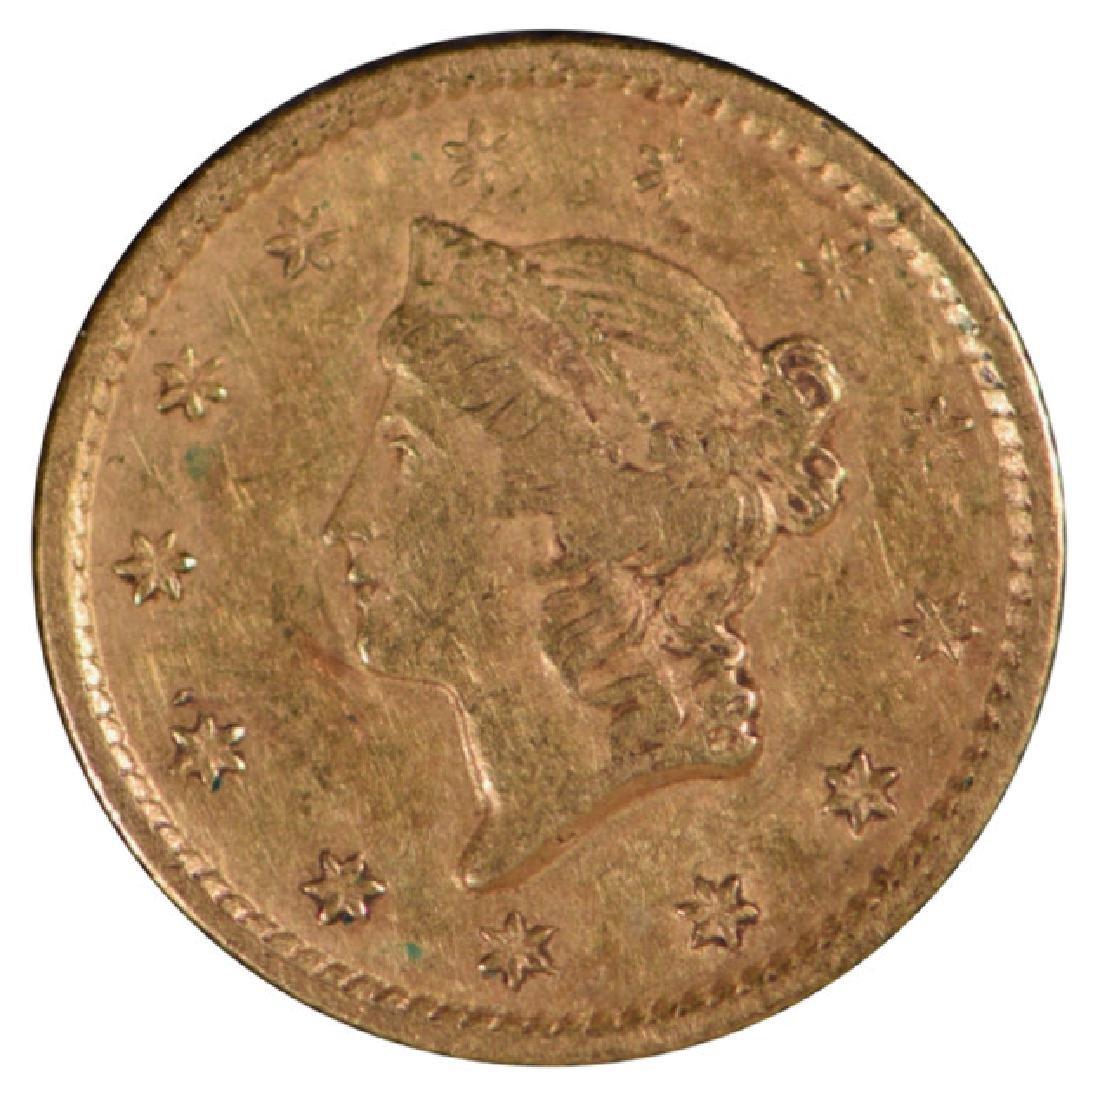 1849-O $1 Gold Coin